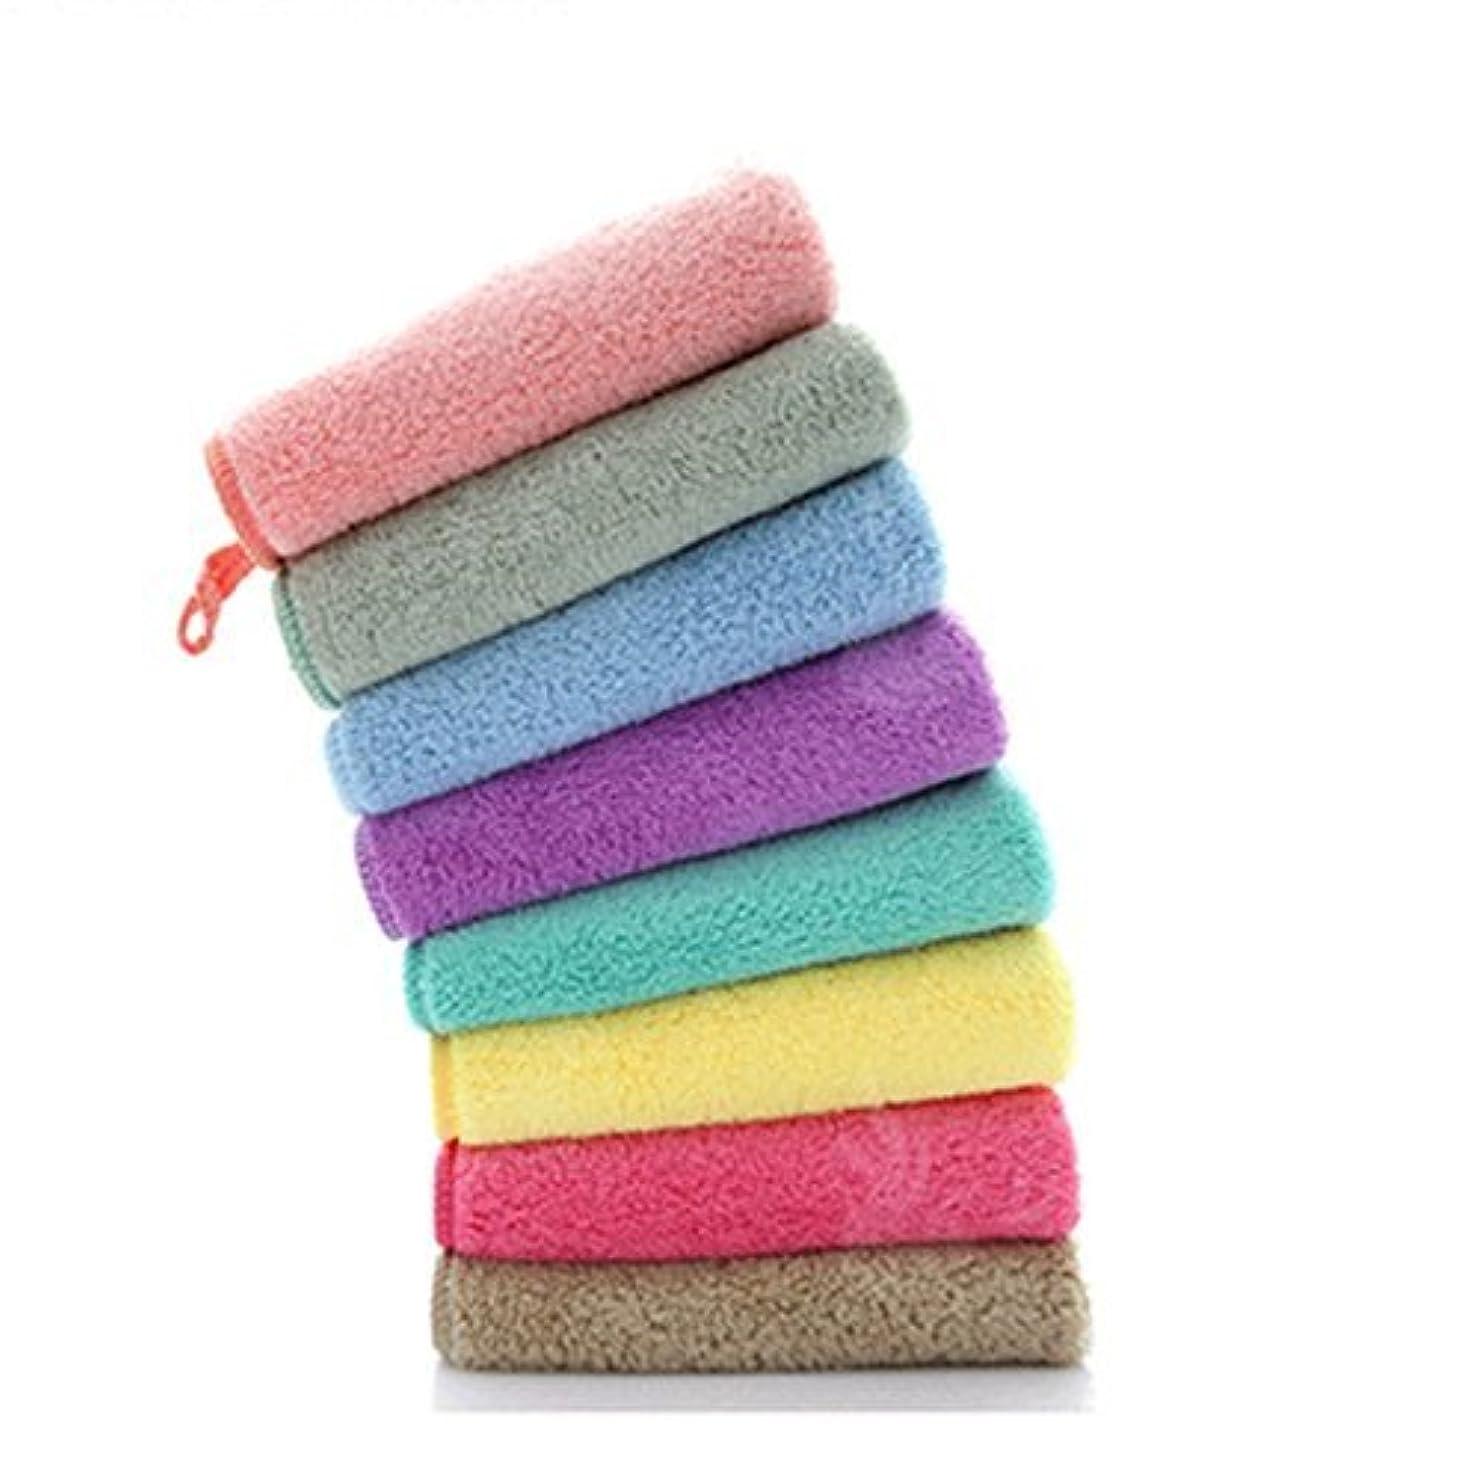 時折はちみつ意味する(非ブランド品)メイク落としタオル 超細繊維 ソフト 吸水 可愛い6色セット